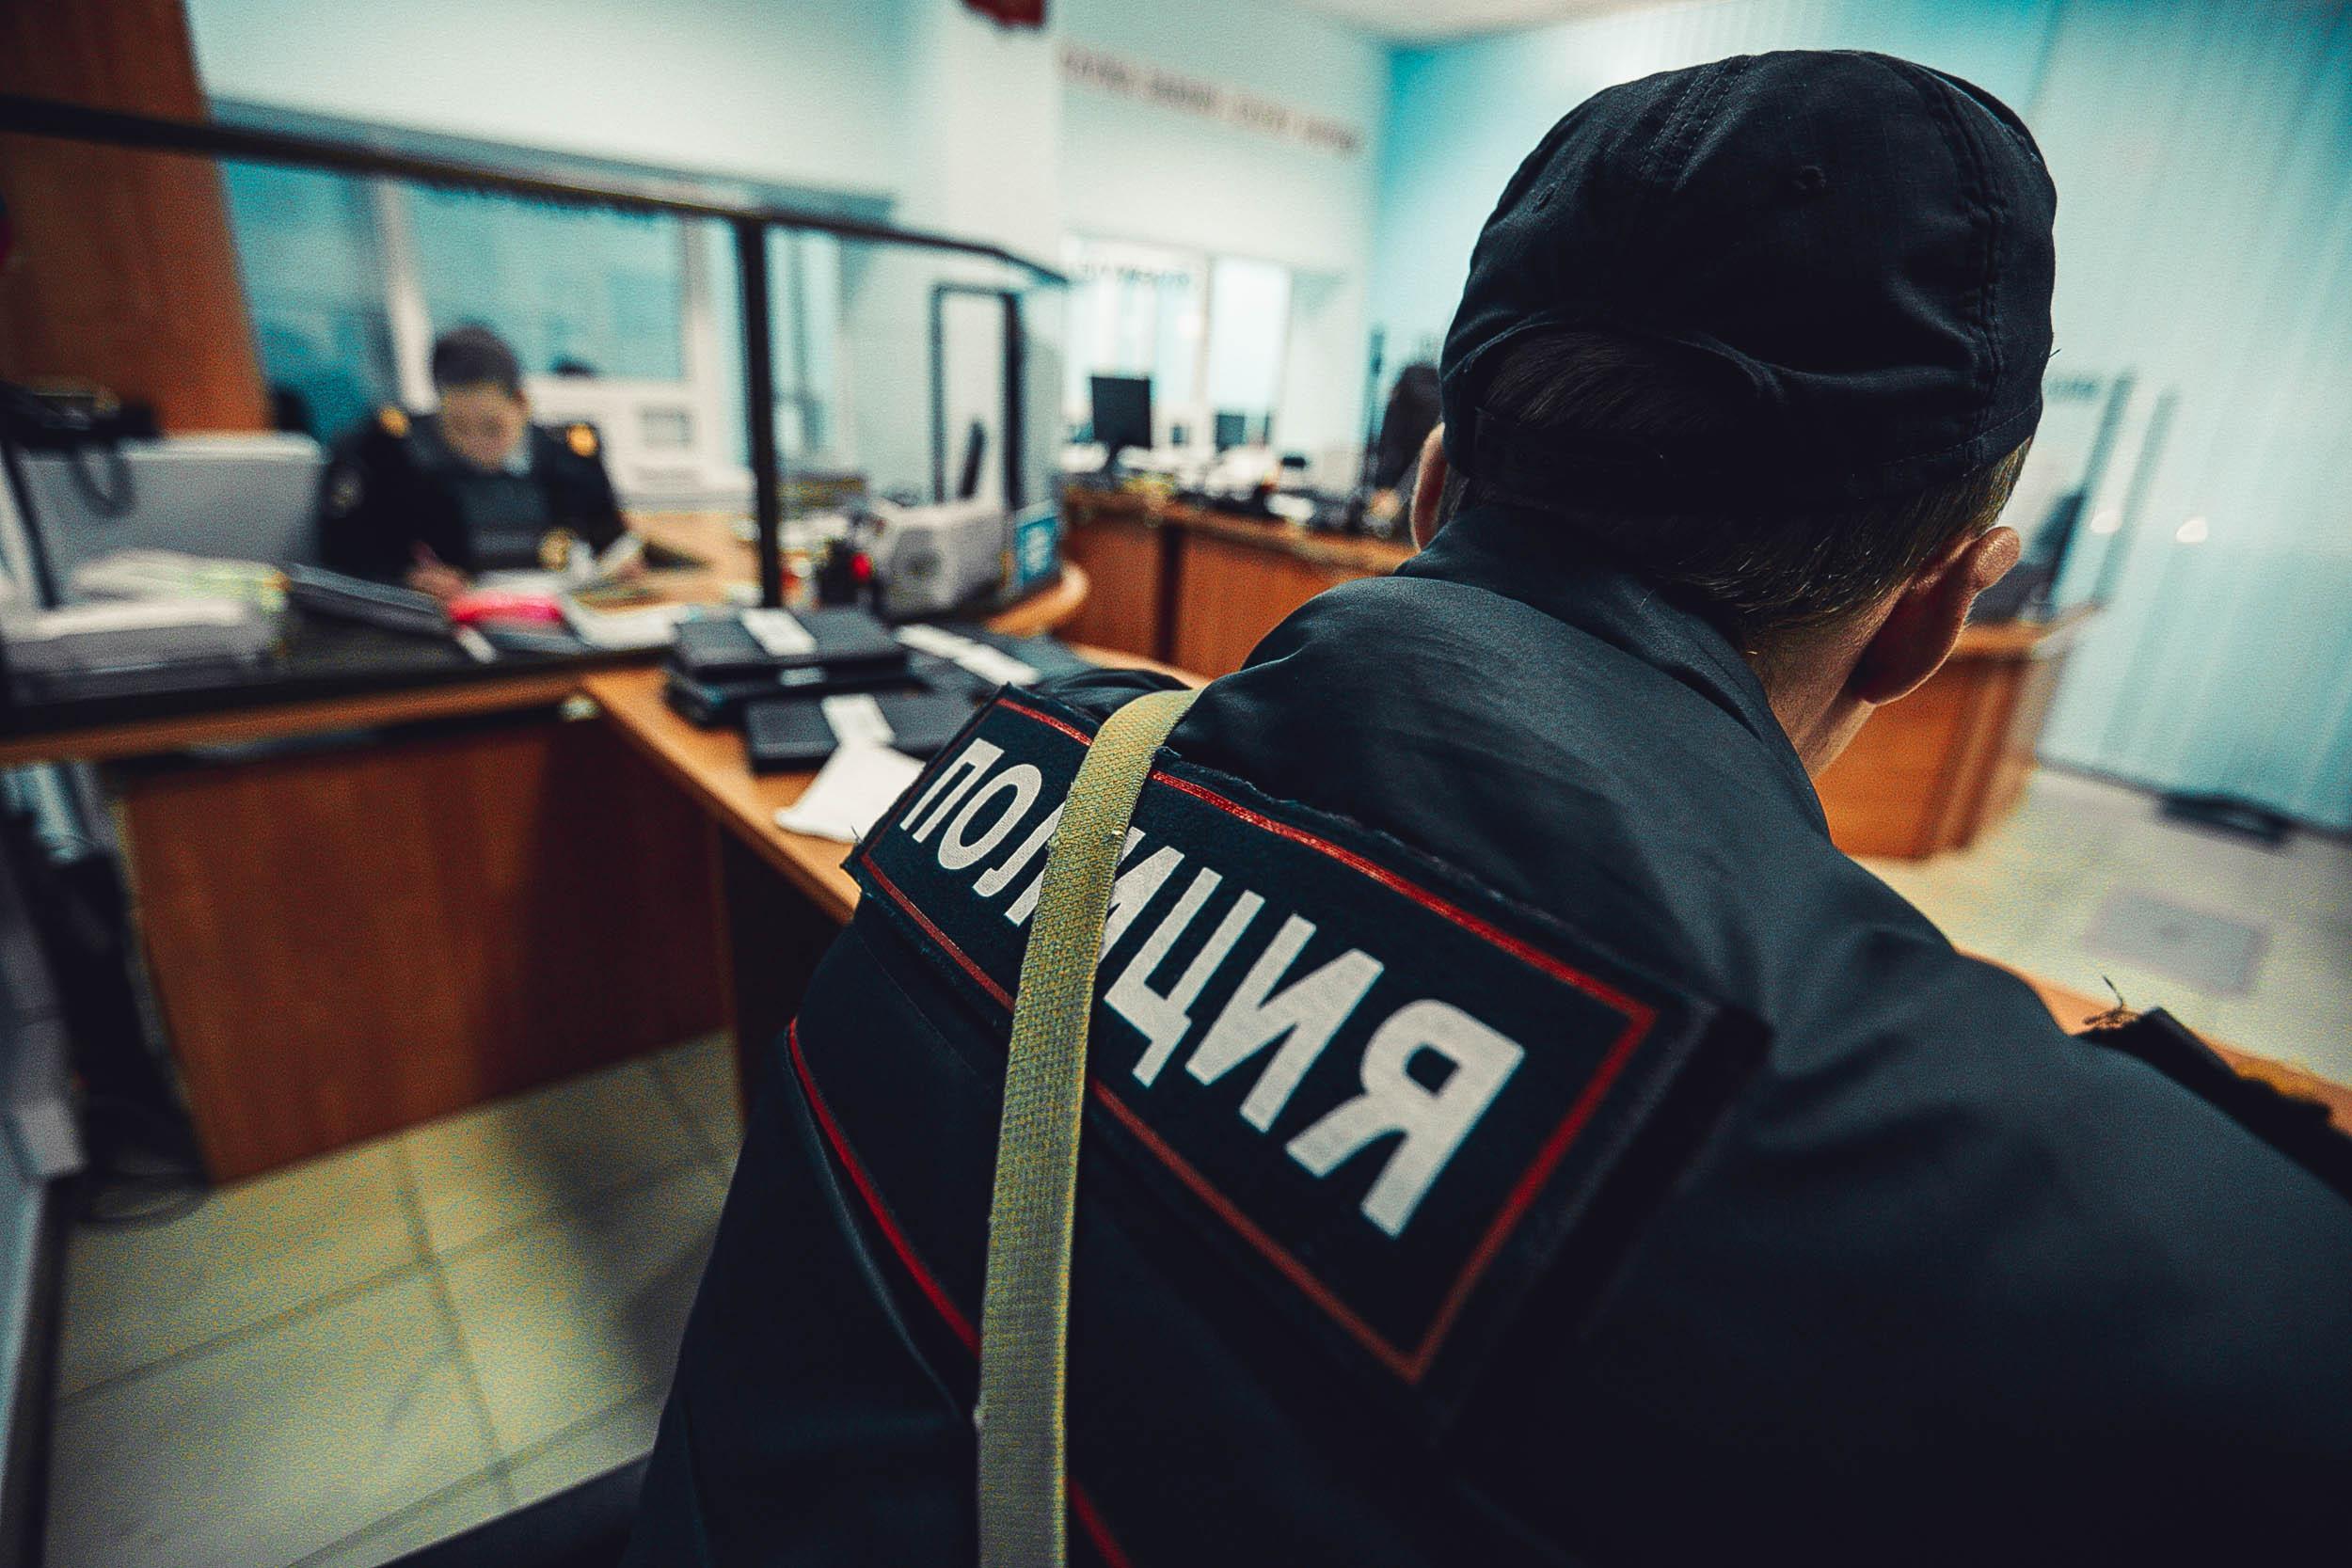 Детский врач-психотерапевт изПетербурга подозревается внасилии над пациентом